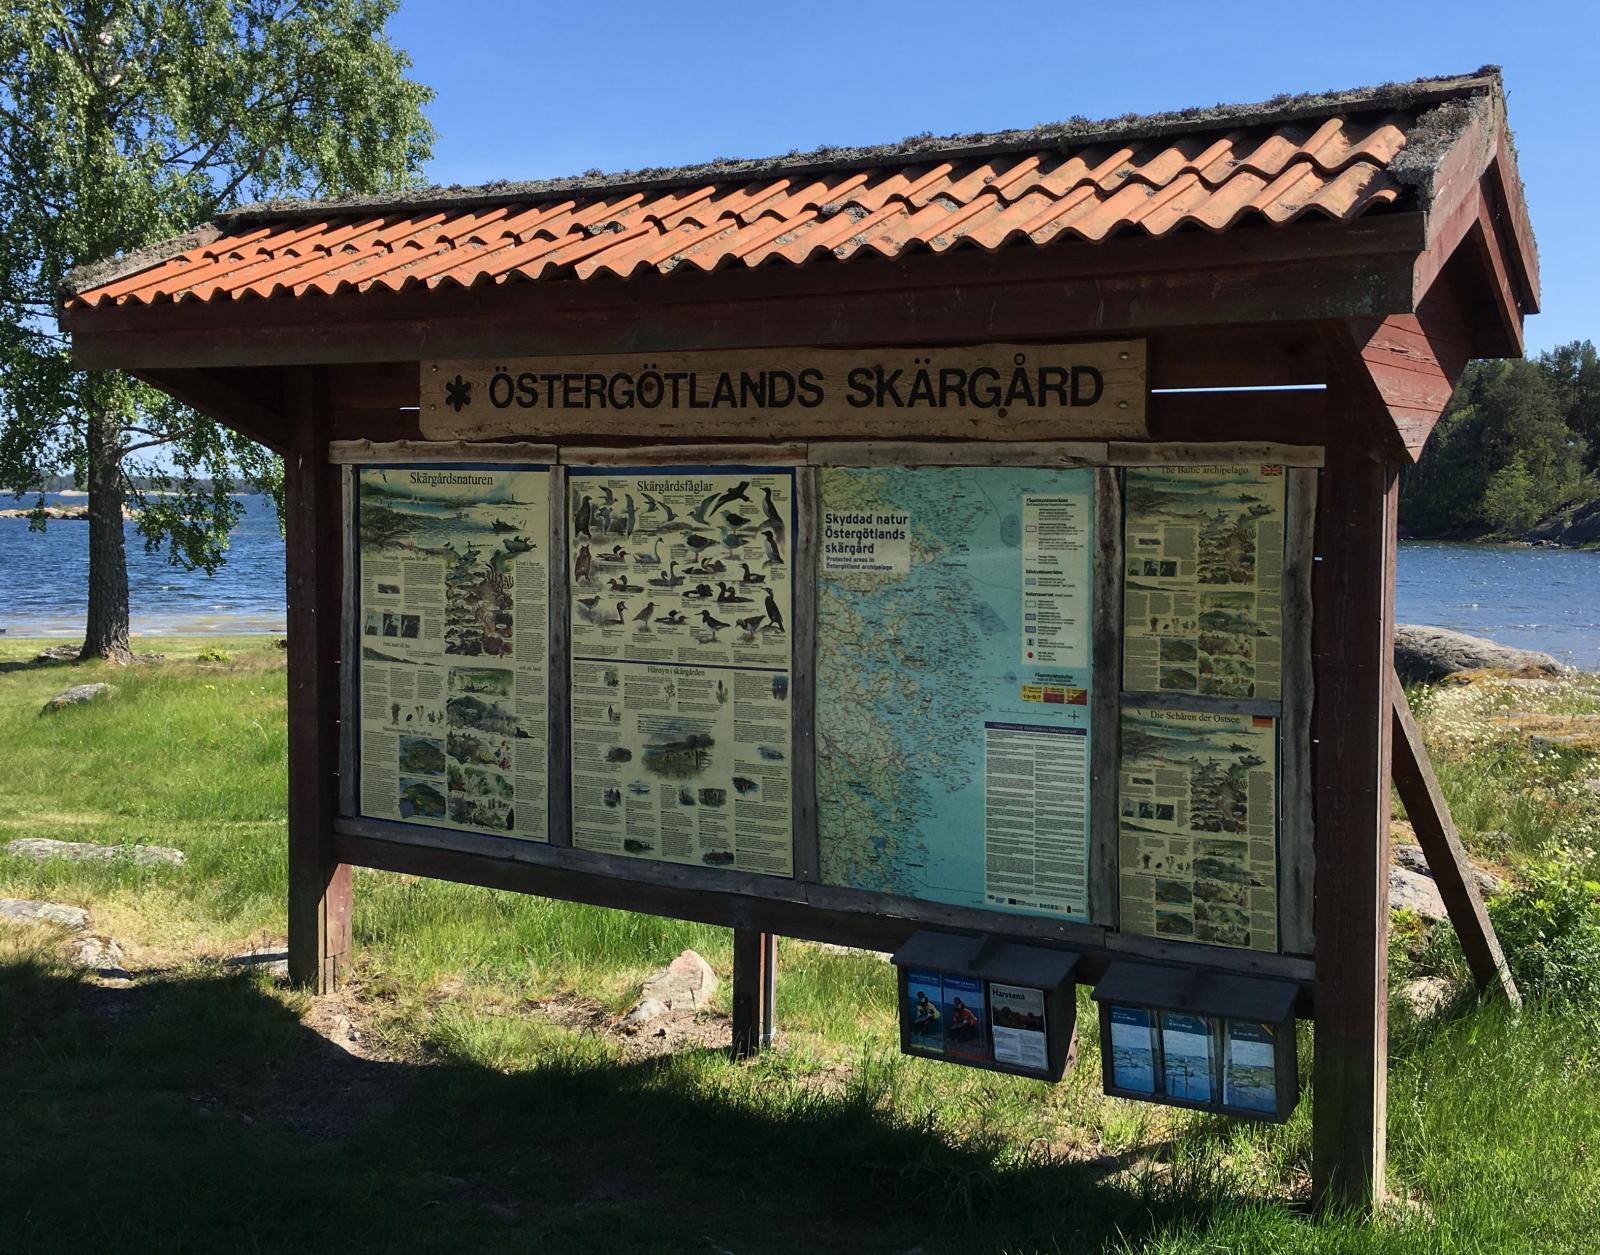 Trevlig informationstavla om skärgårdens flora  och fauna.